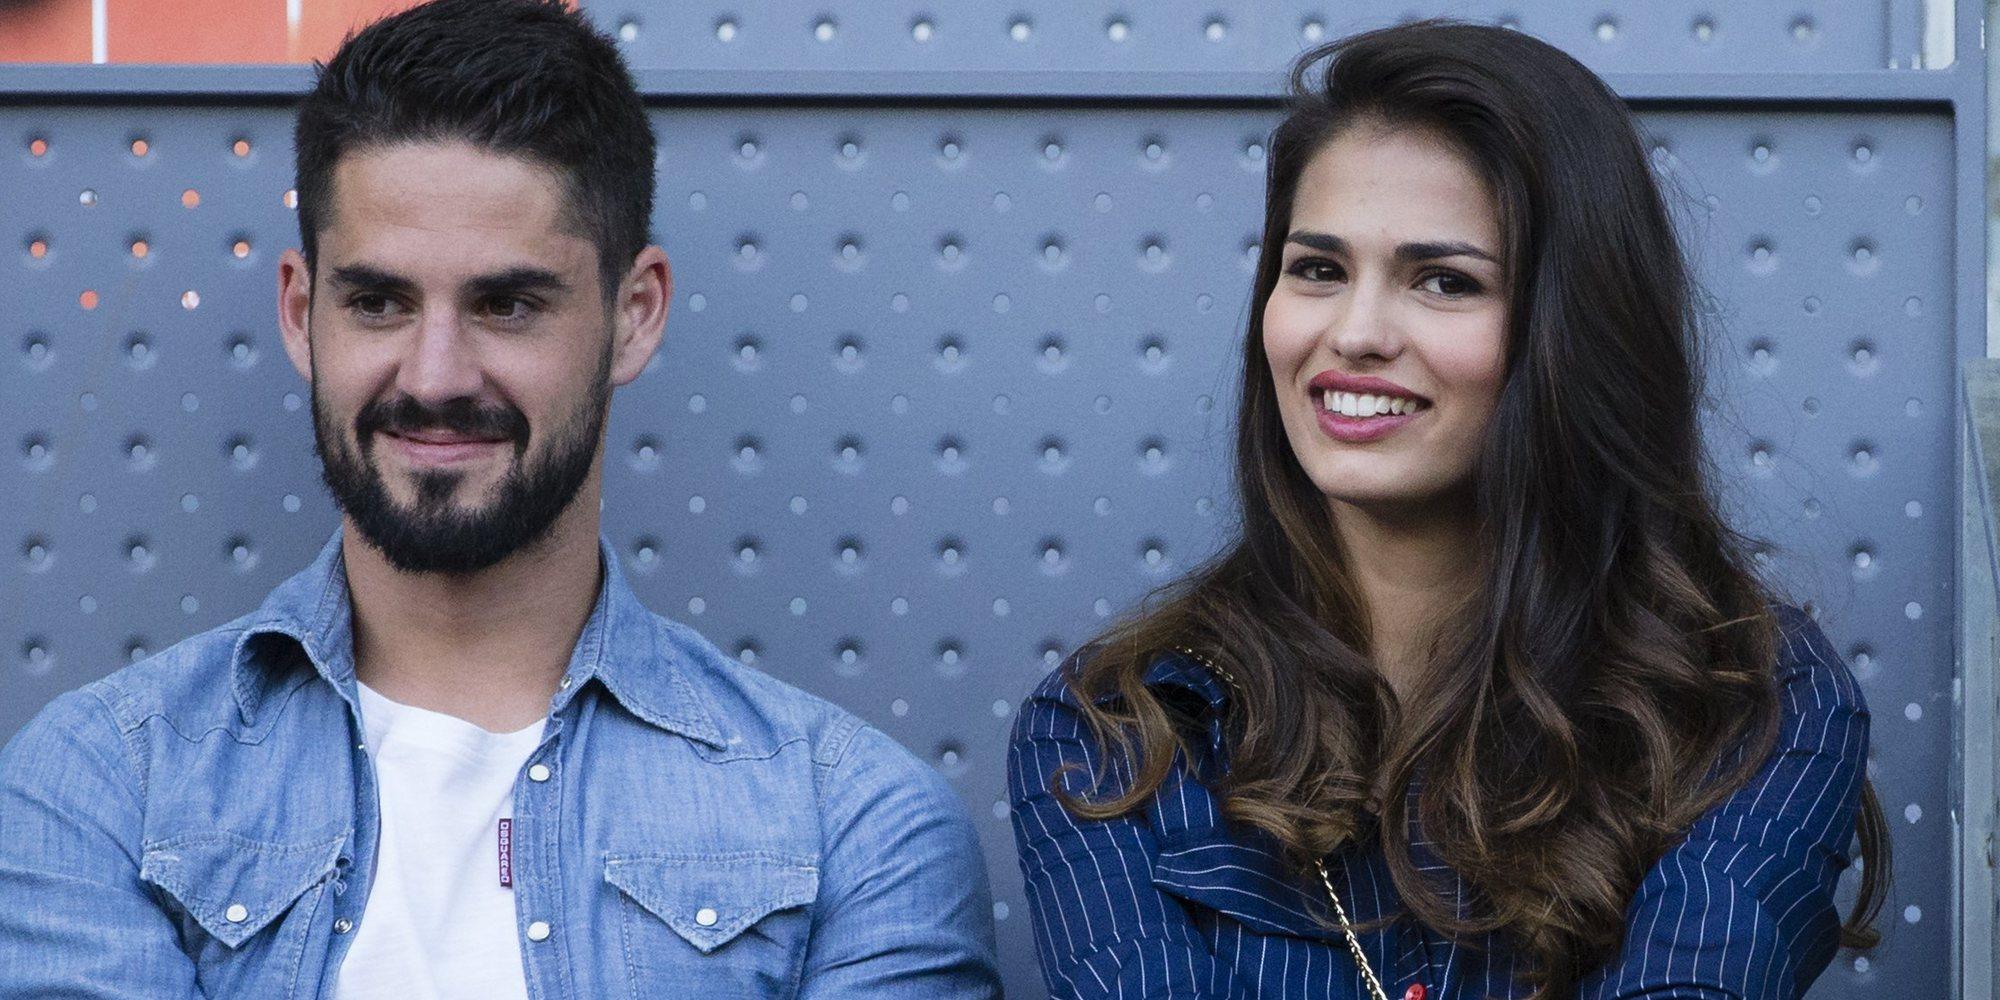 Isco Alarcón y Sara Sálamo se convierten en padres de su primer hijo